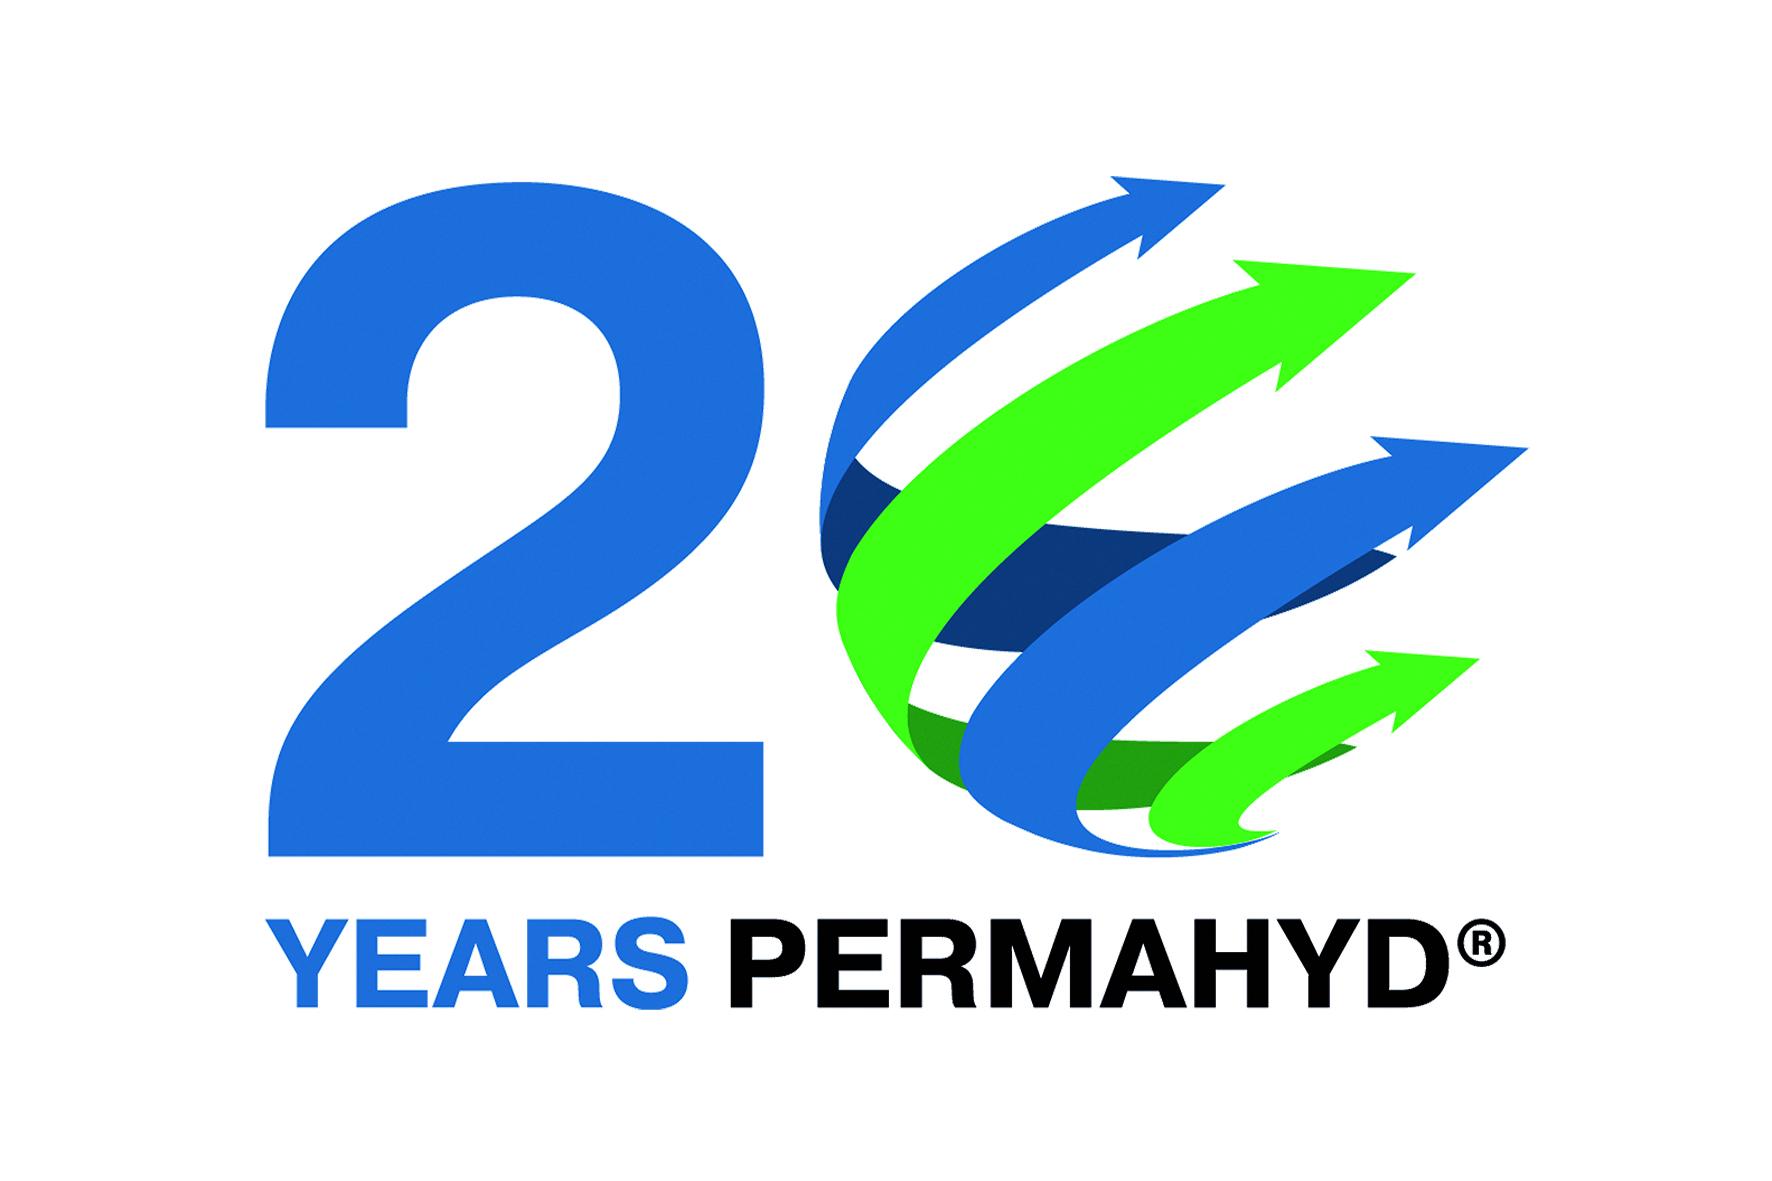 20 Years Permahyd on